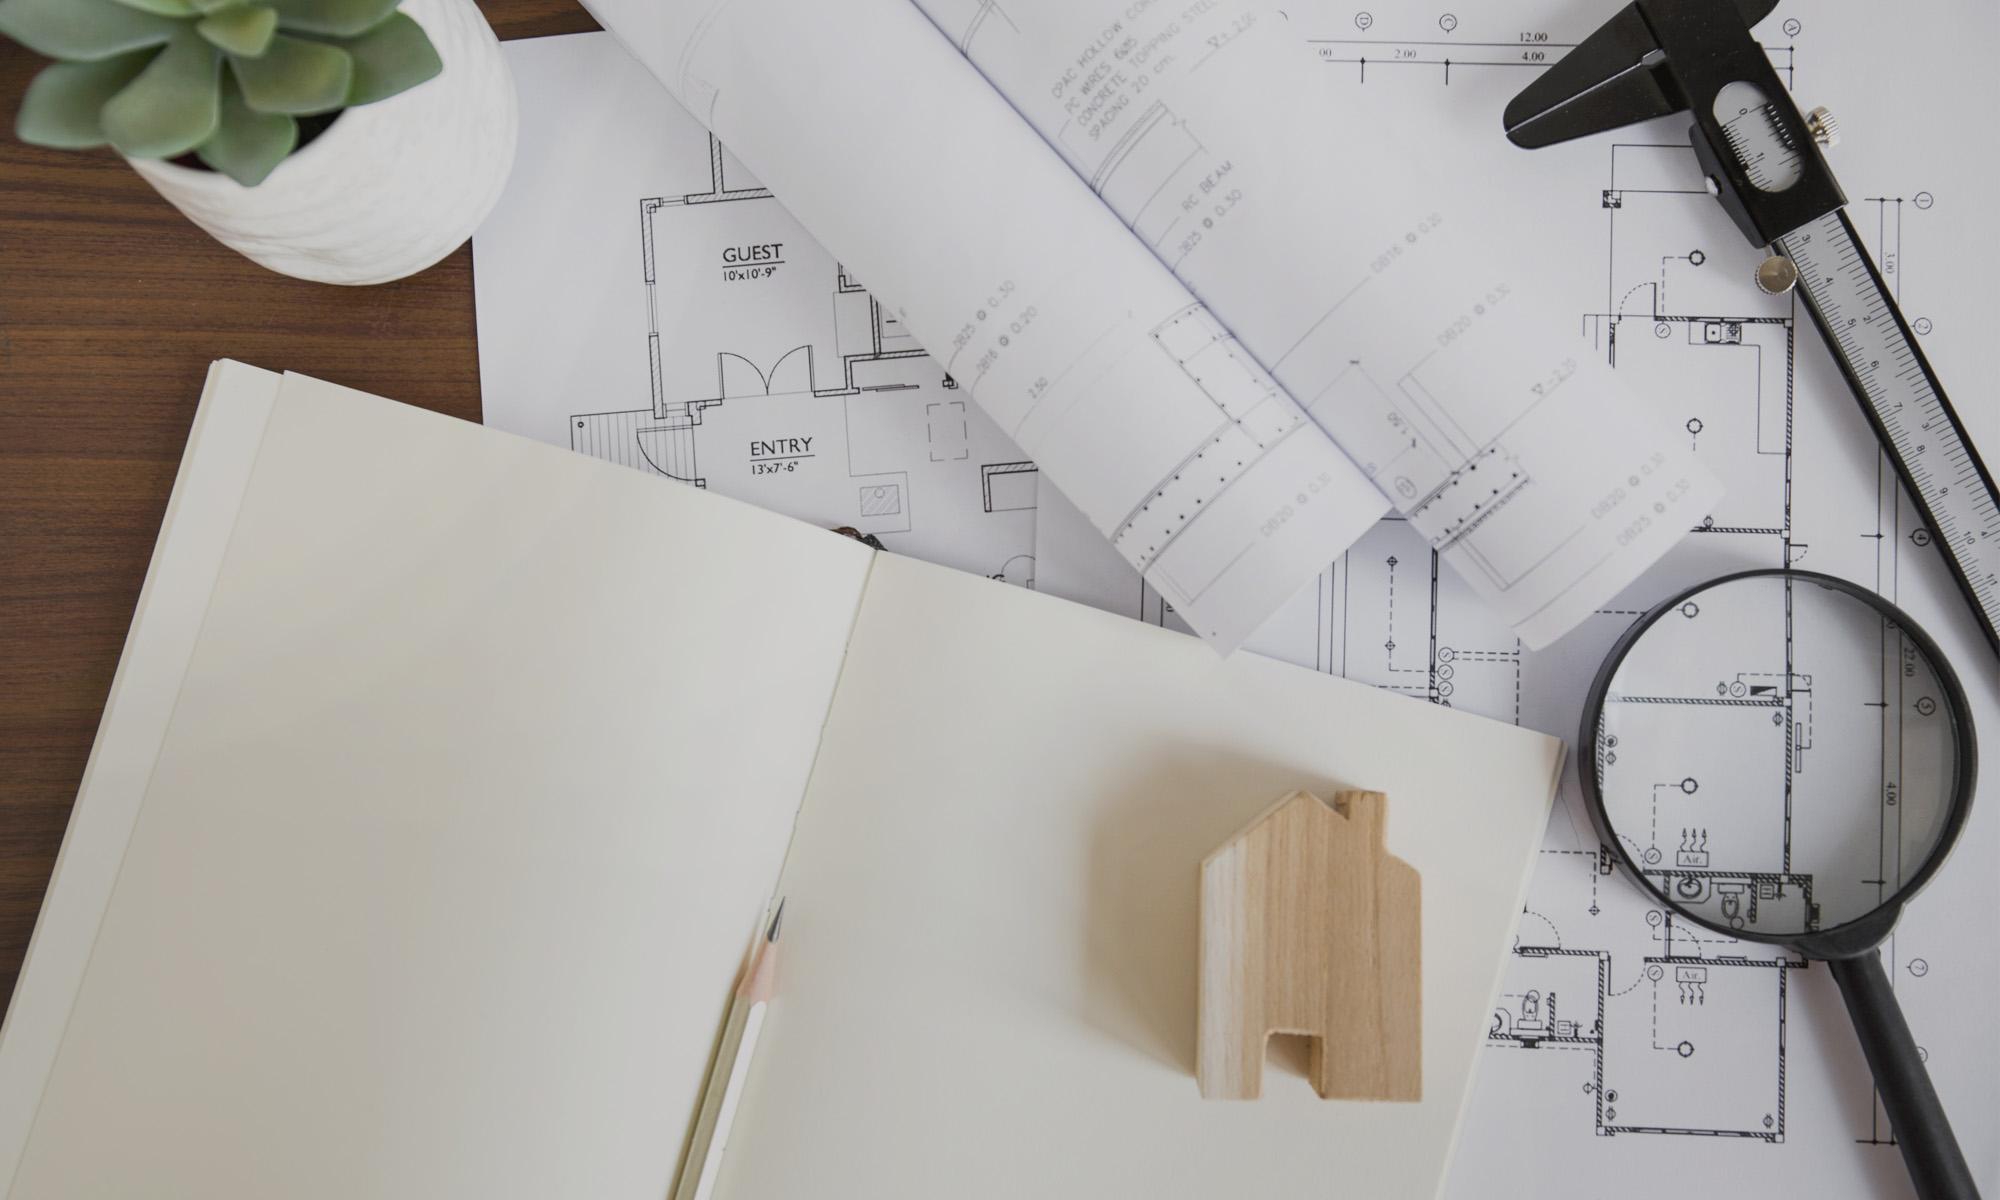 L'edilizia sostenibile a casa tua!